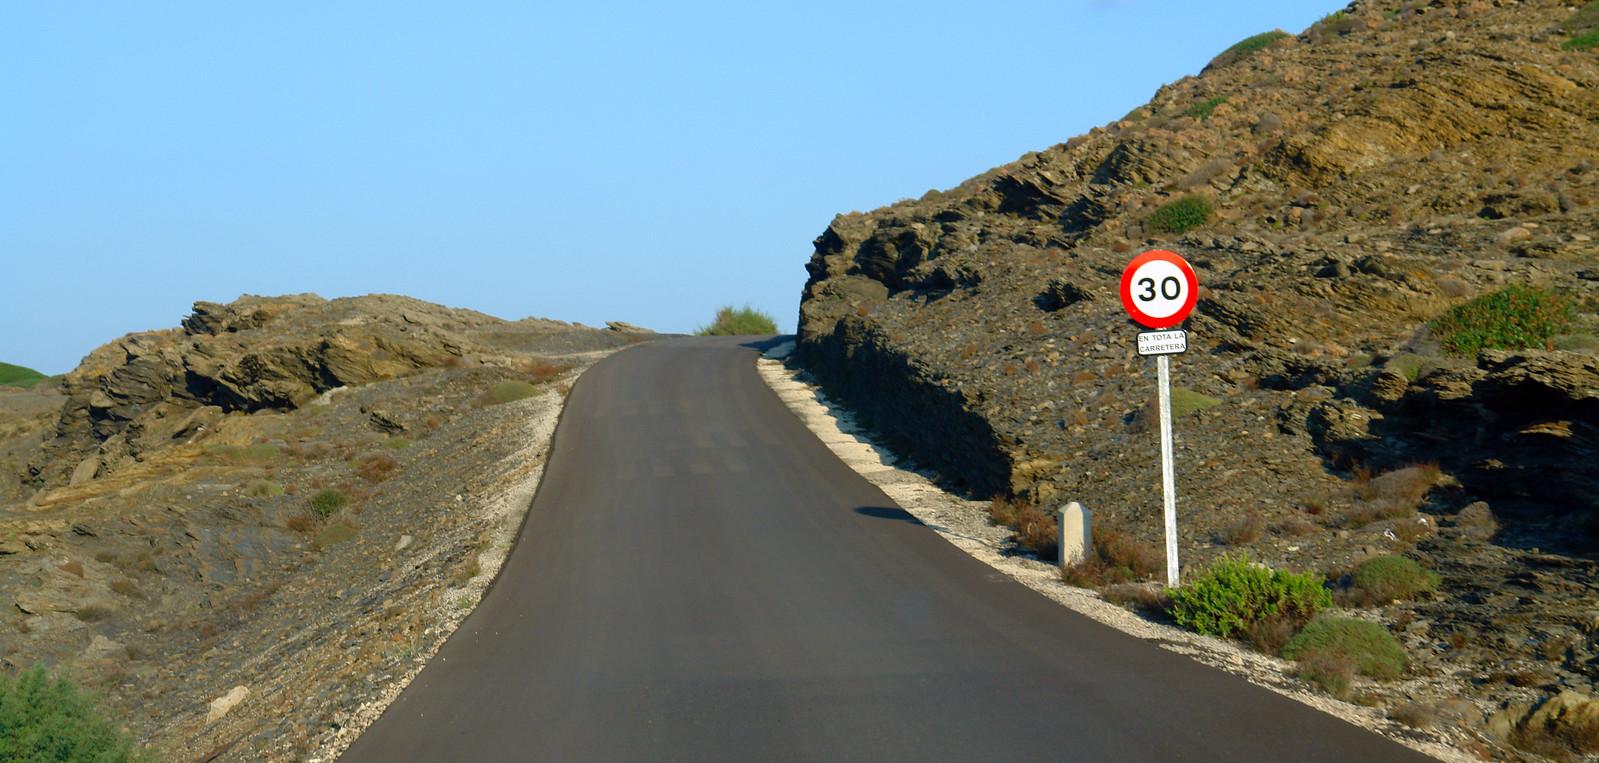 Qué ver en Menorca, Islas Baleares - thewotme qué ver en menorca - 50046797446 98a9c7ed9b h - Qué ver en Menorca, lugares a NO perderse